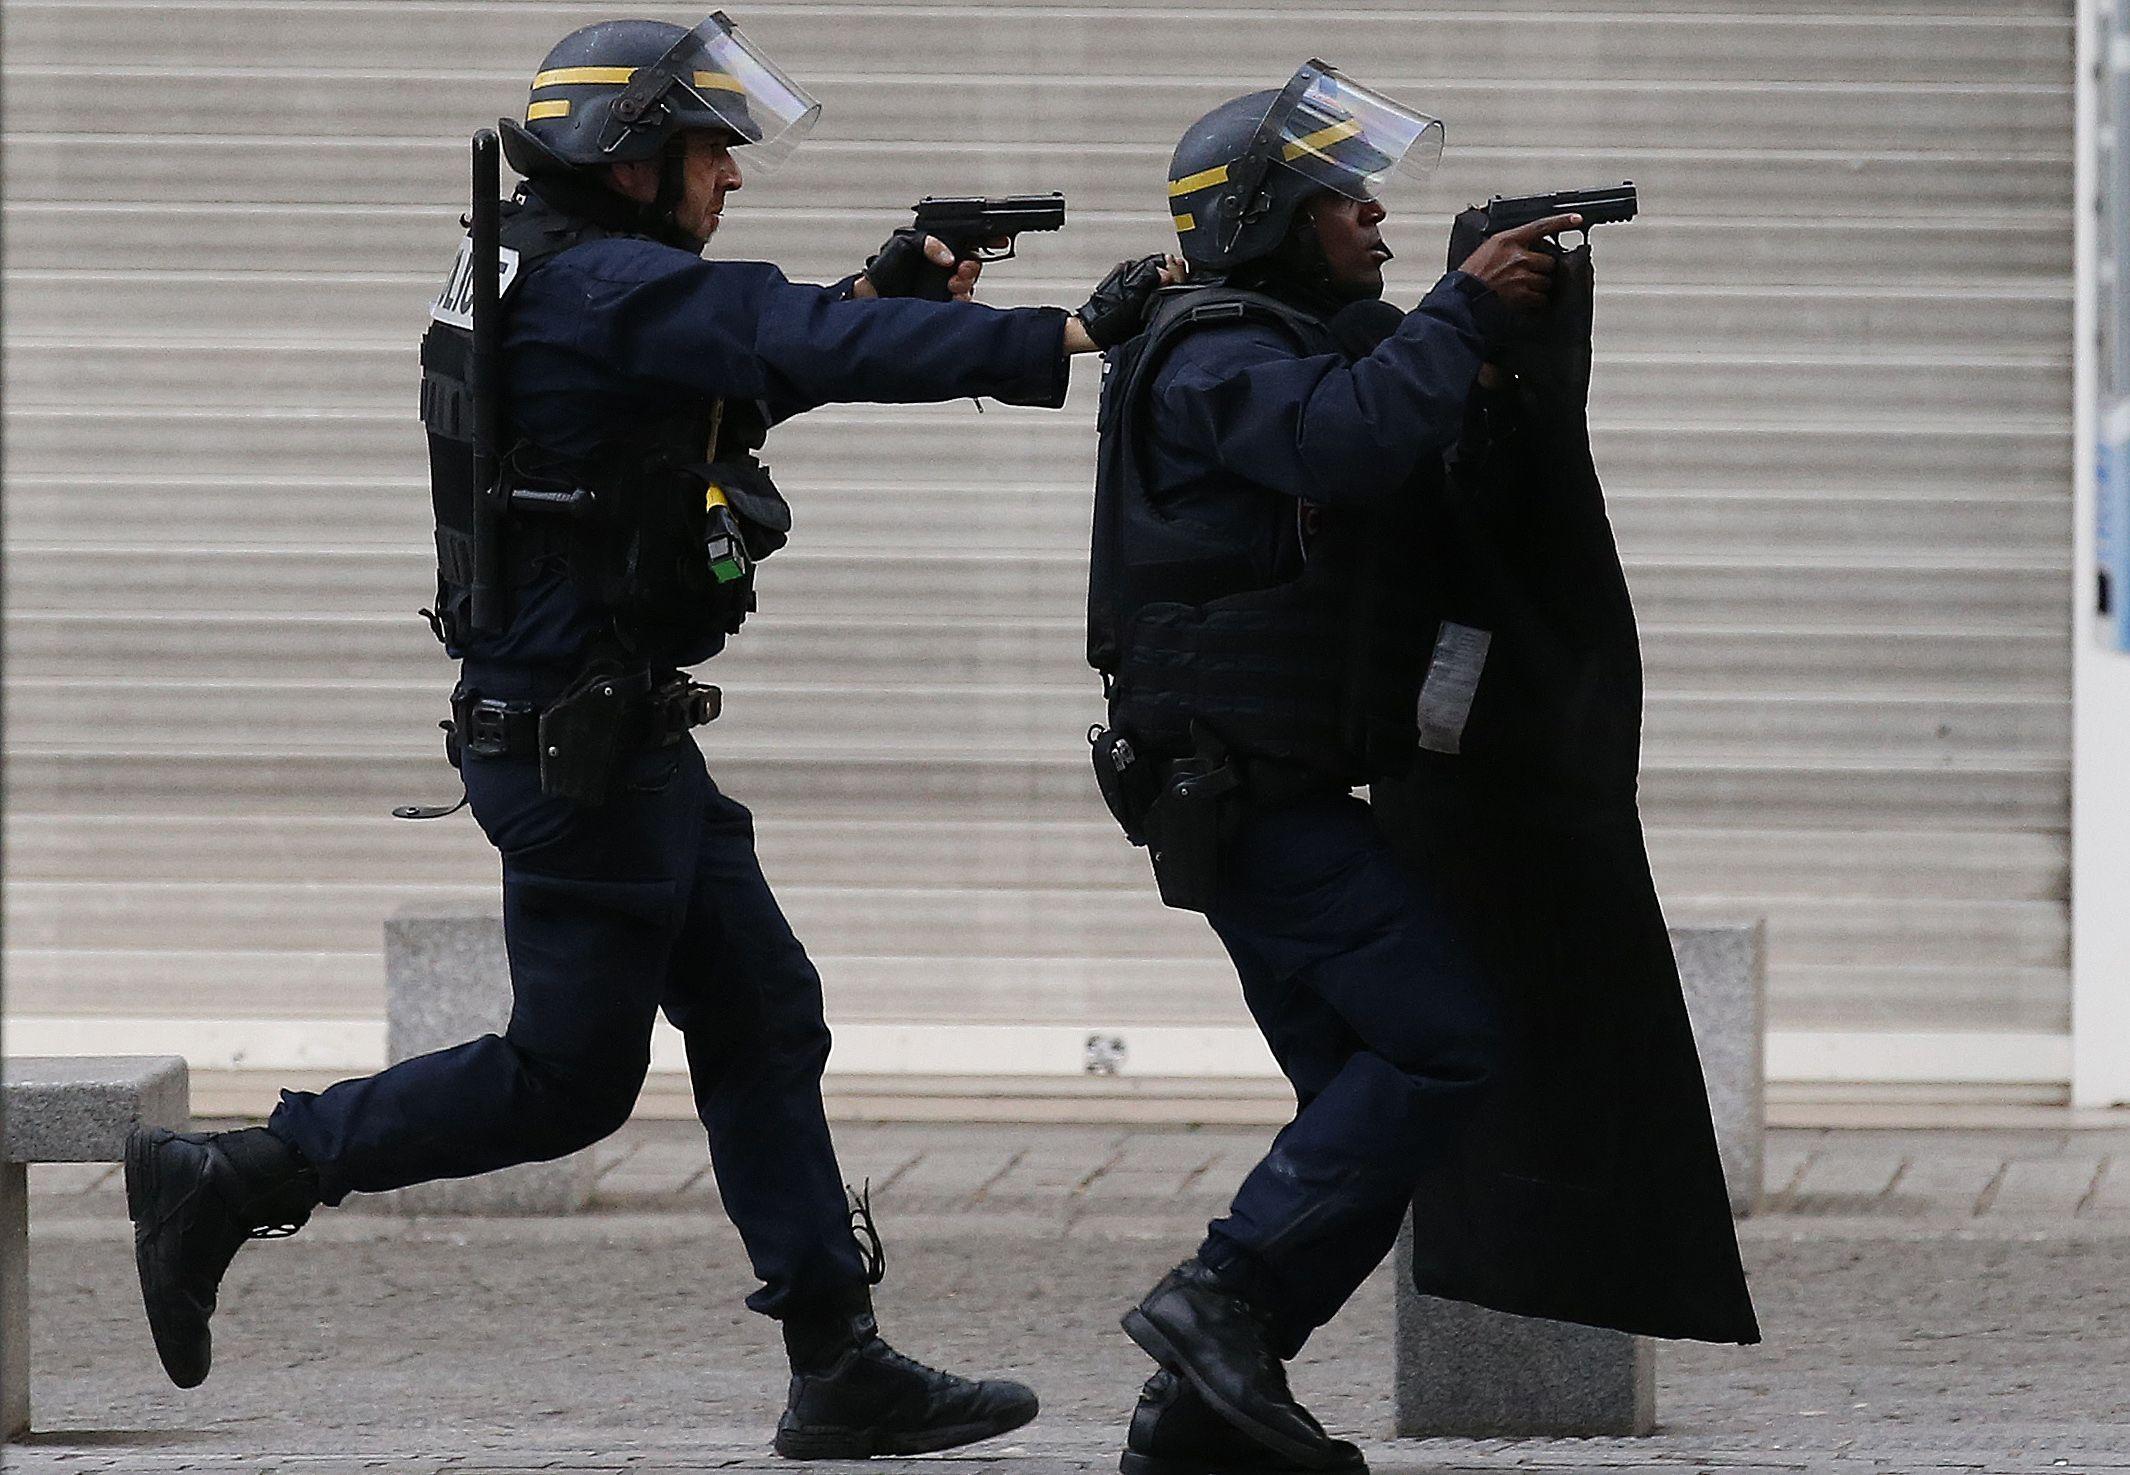 Fuerzas policiales entran en acción esta mañana en Saint-Denis